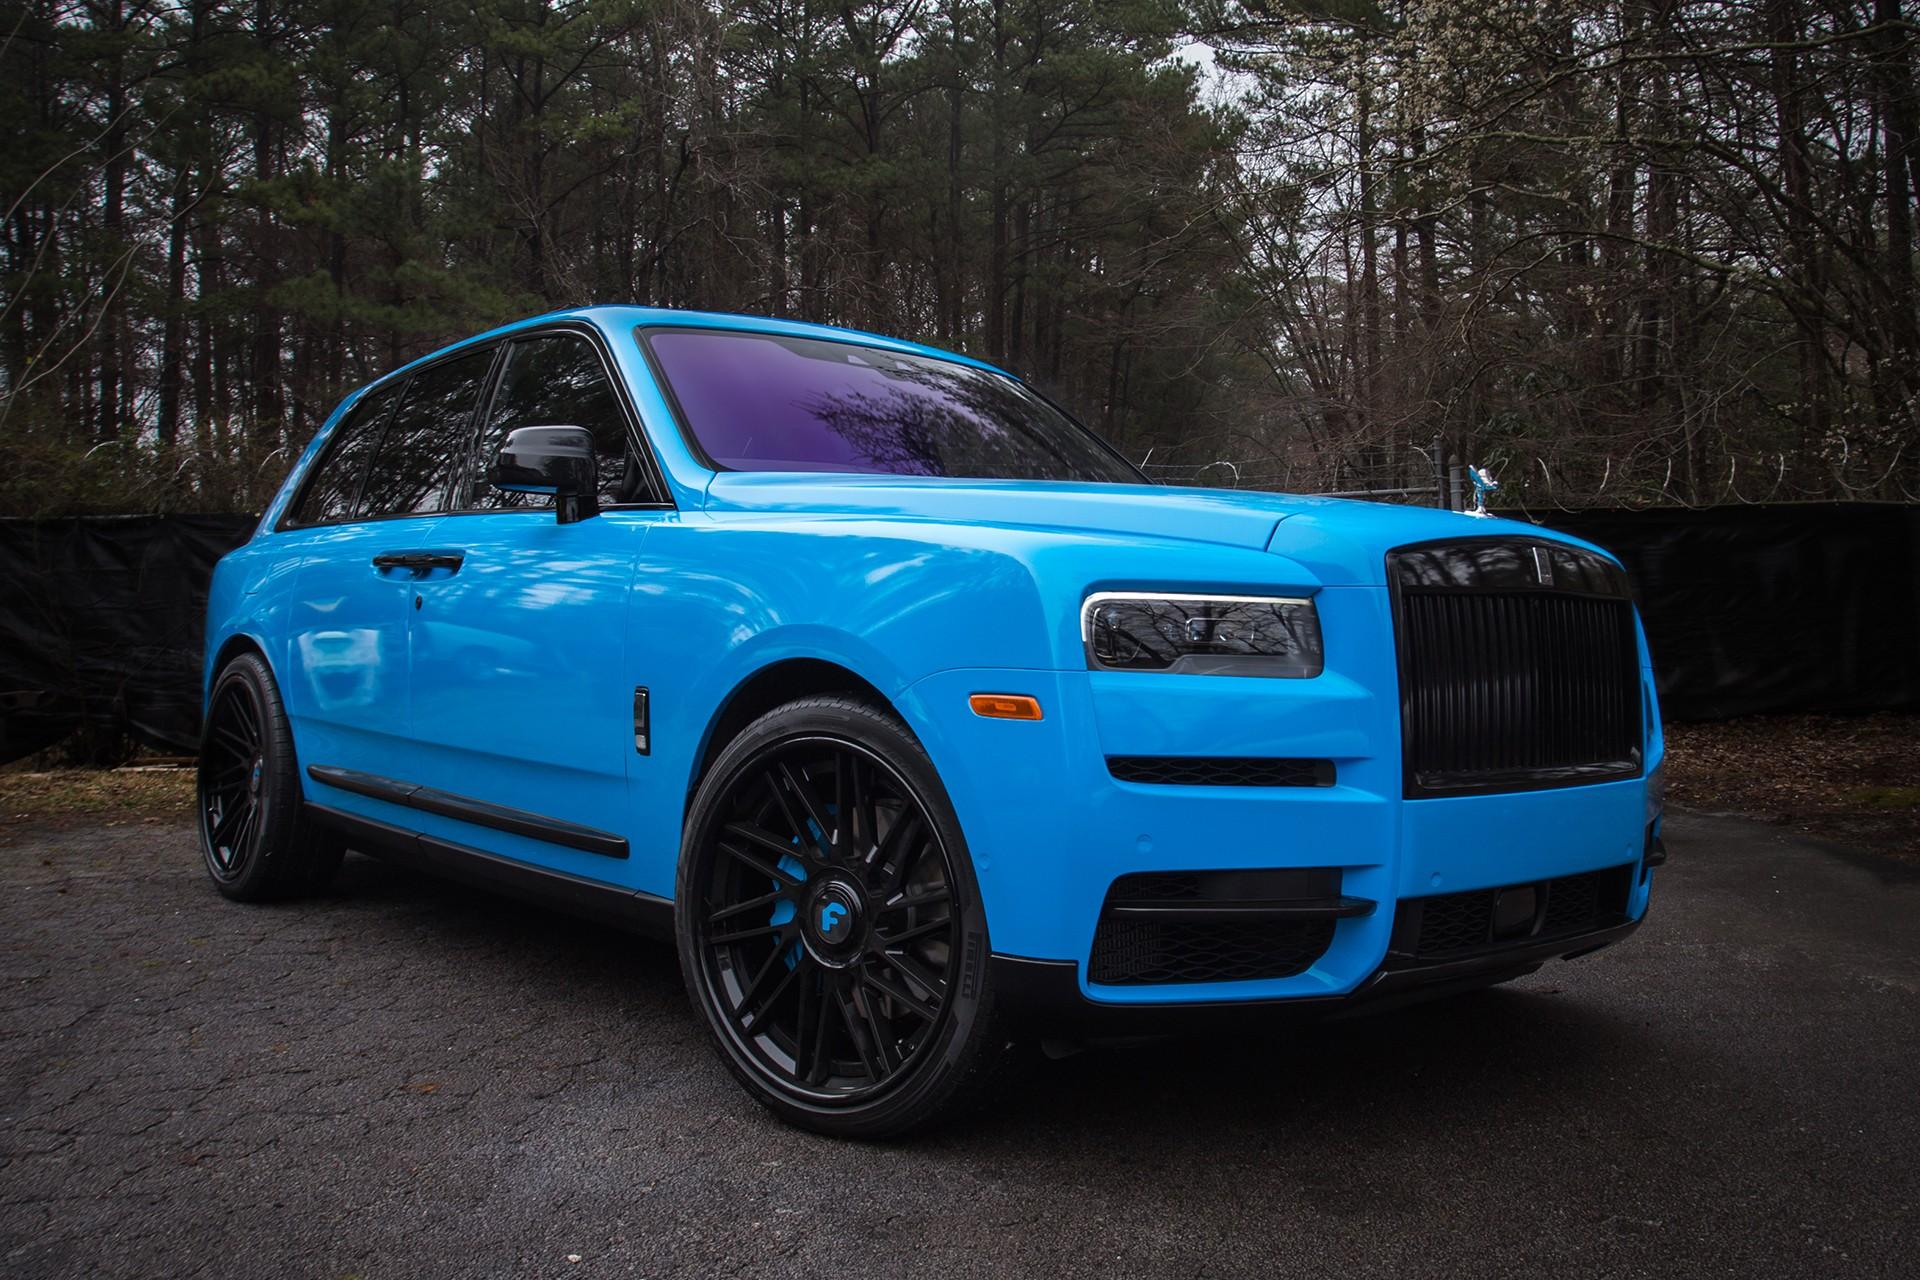 Blue Rolls Royce Cullinan On Forgiato Wheels Belongs To Rer Offset